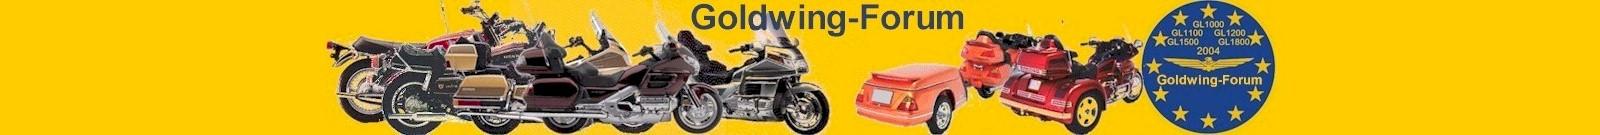 Das GoldWing-Forum - Startseite